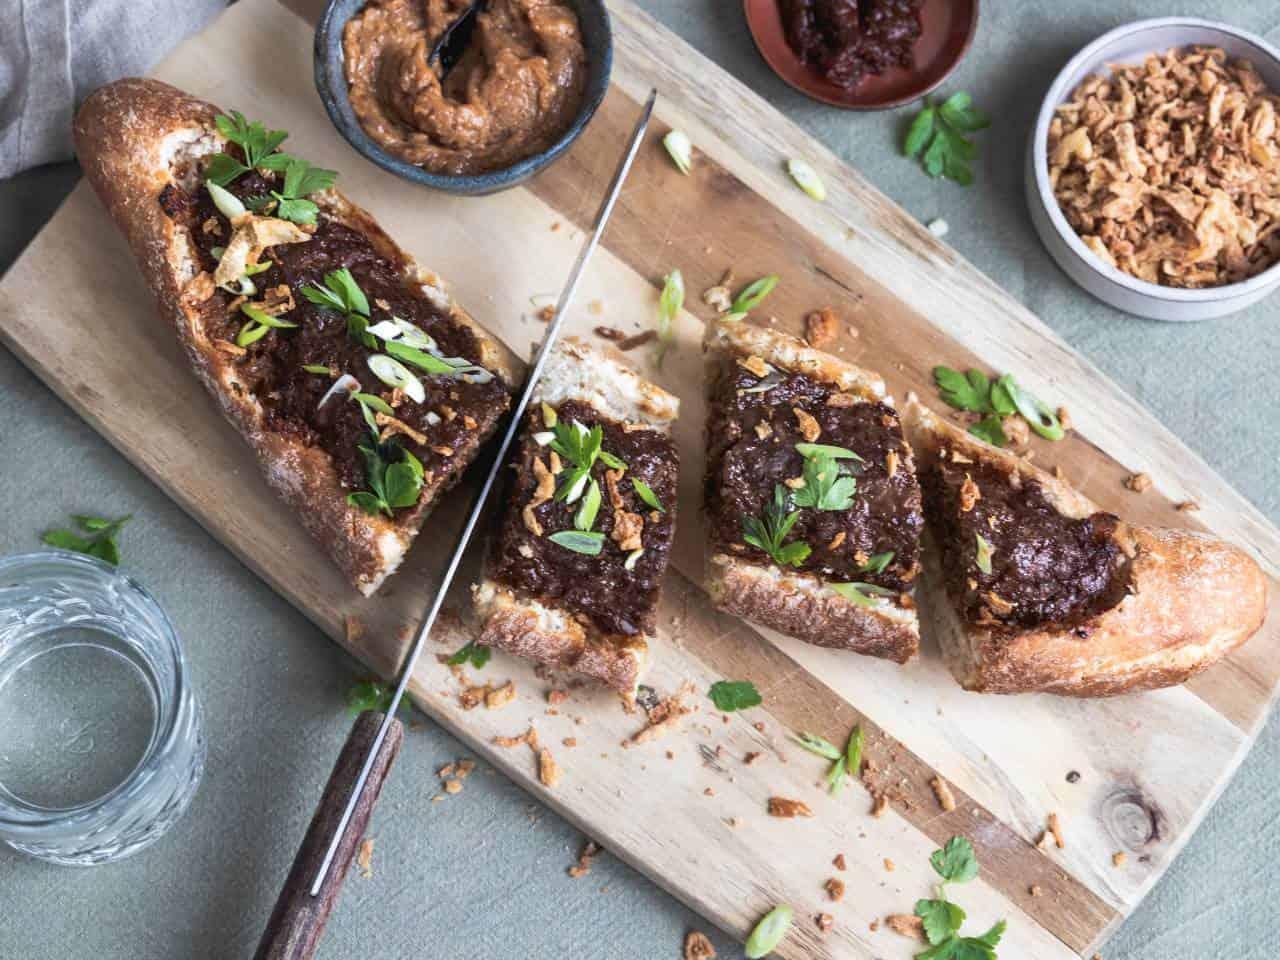 Gevuld stokbrood met gehakt (Indonesisch)